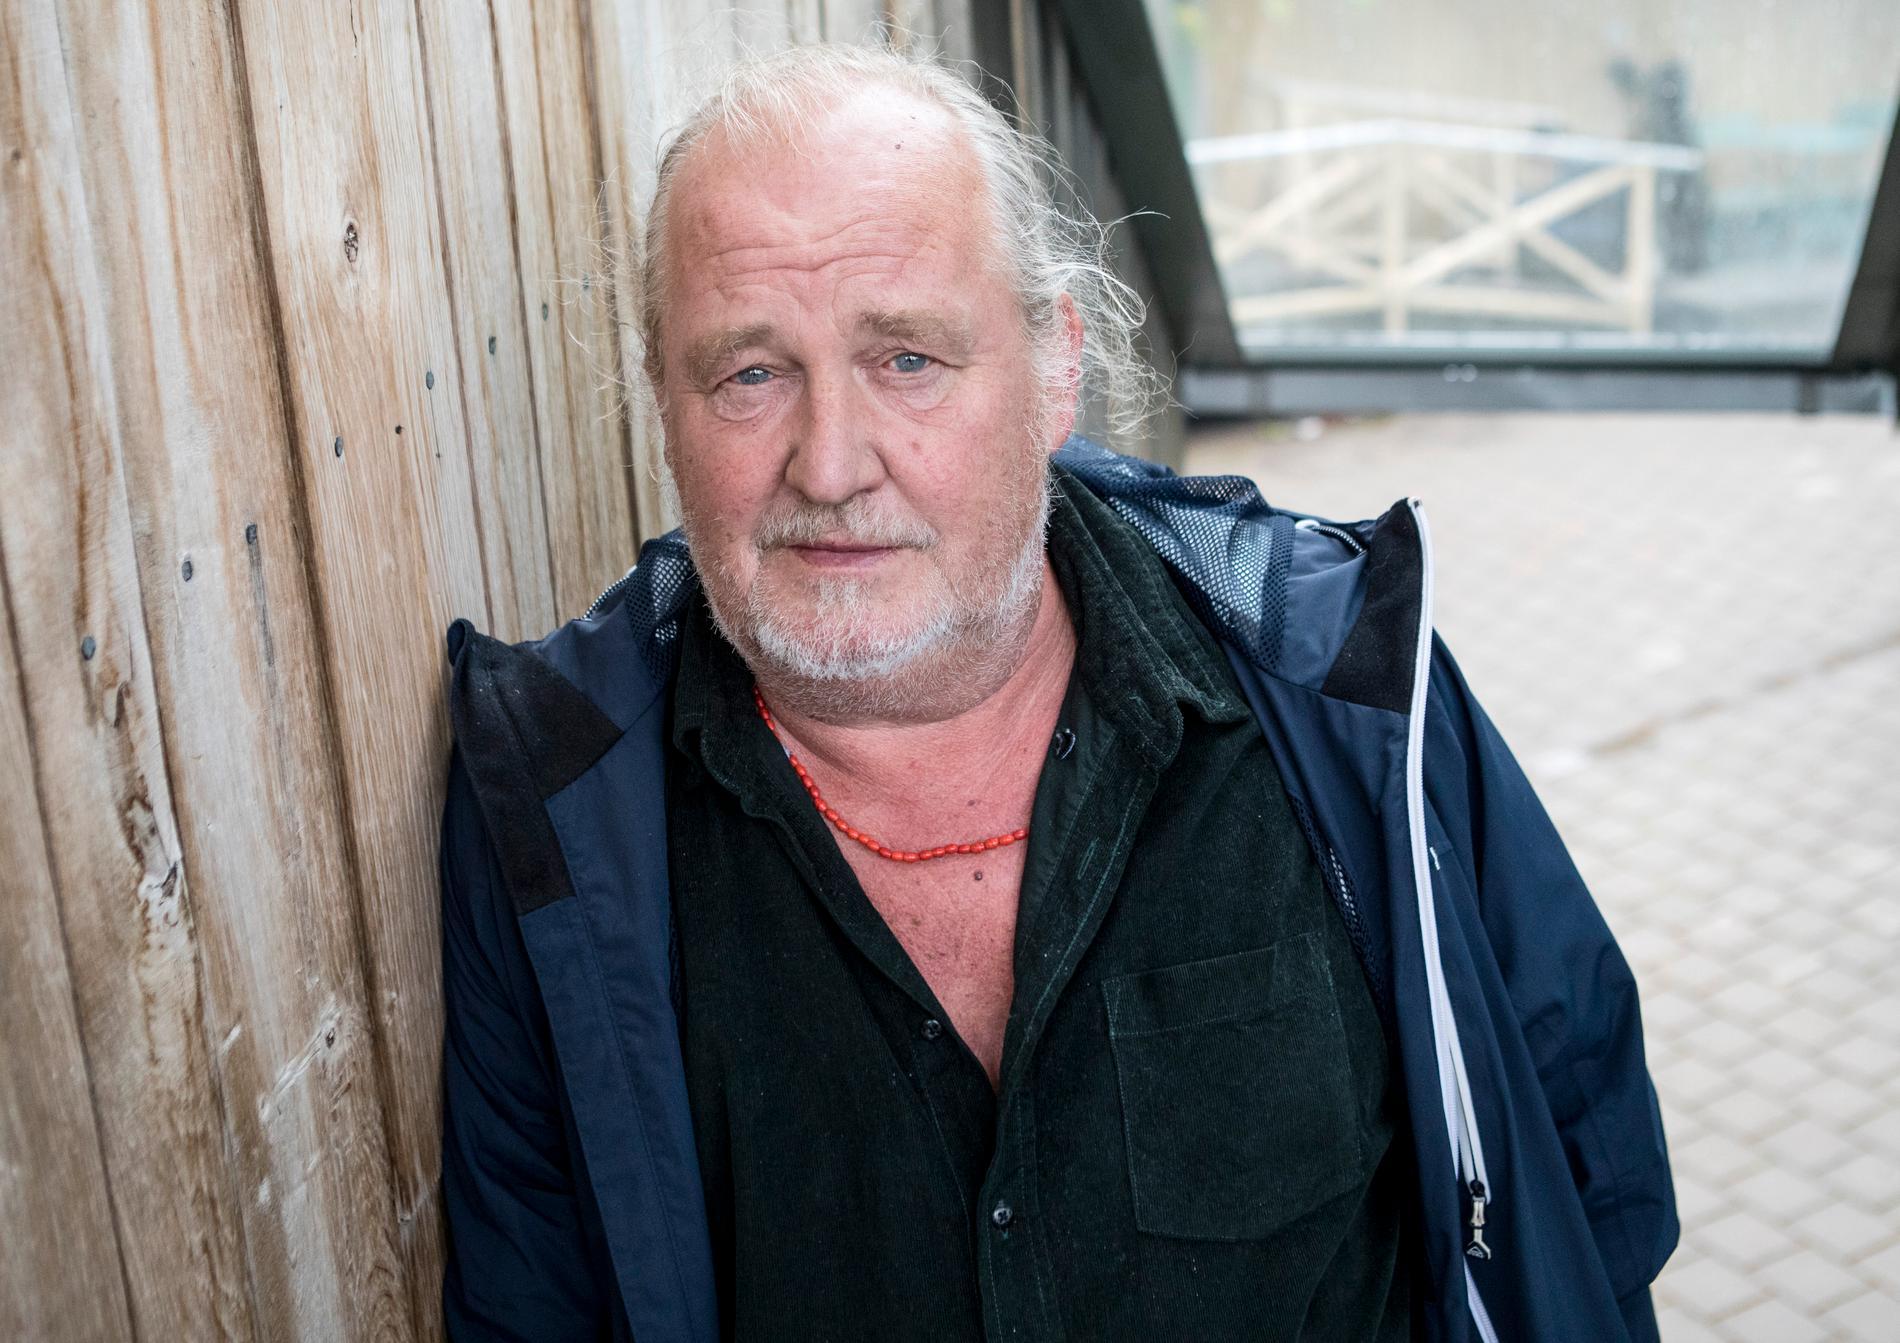 ARKVIBILD. Plura Jonsson påverkades av it-attacken mot Coop.